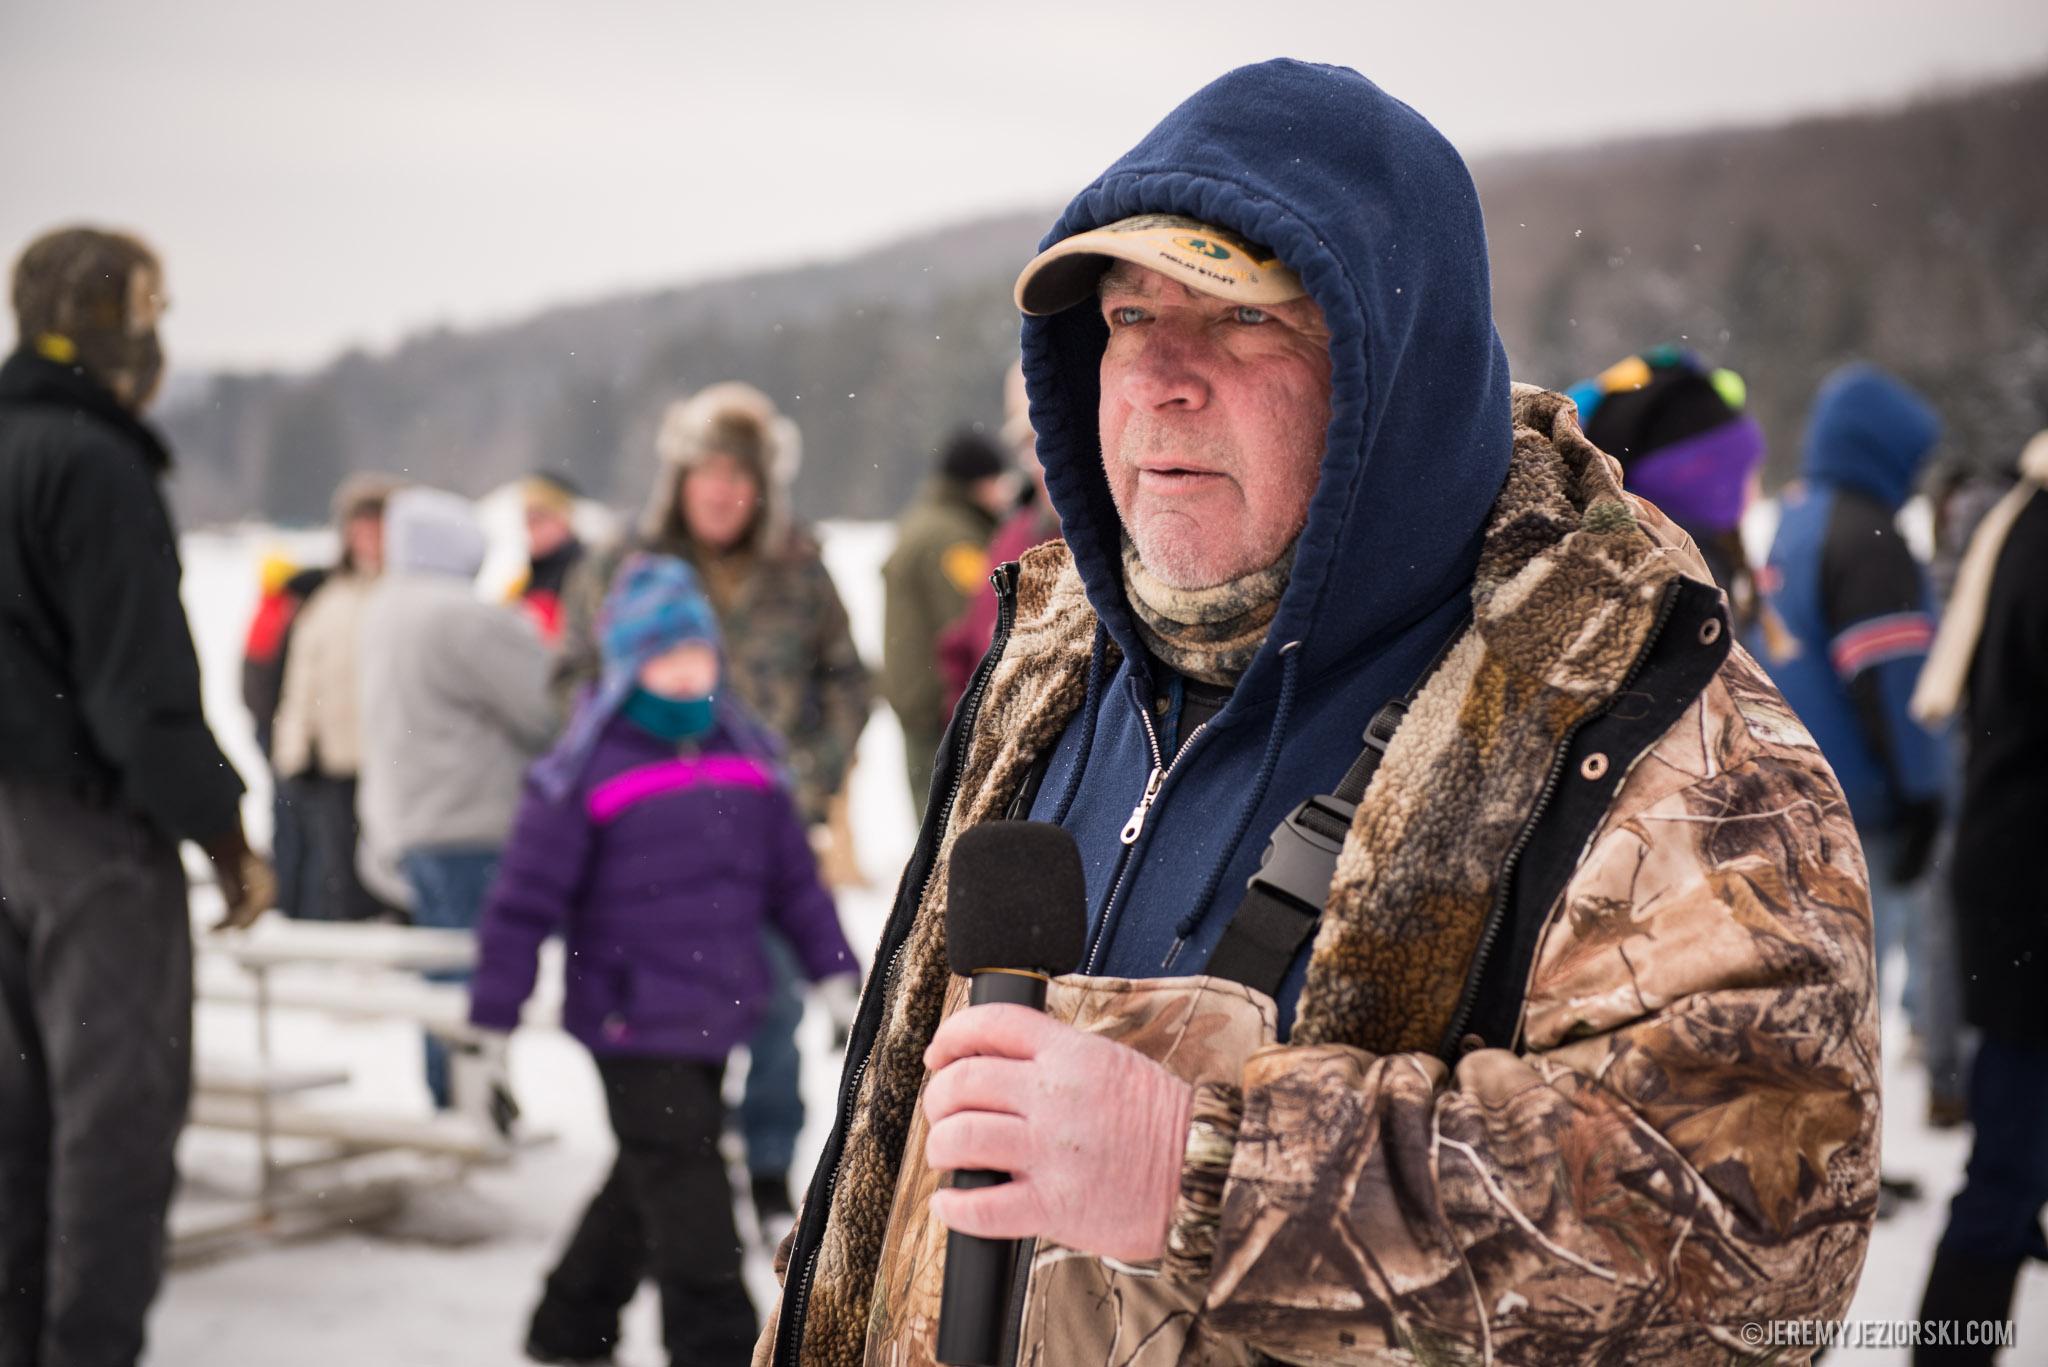 warren-county-winterfest-2014-photographer-jeremy-jeziorski-6626.jpg